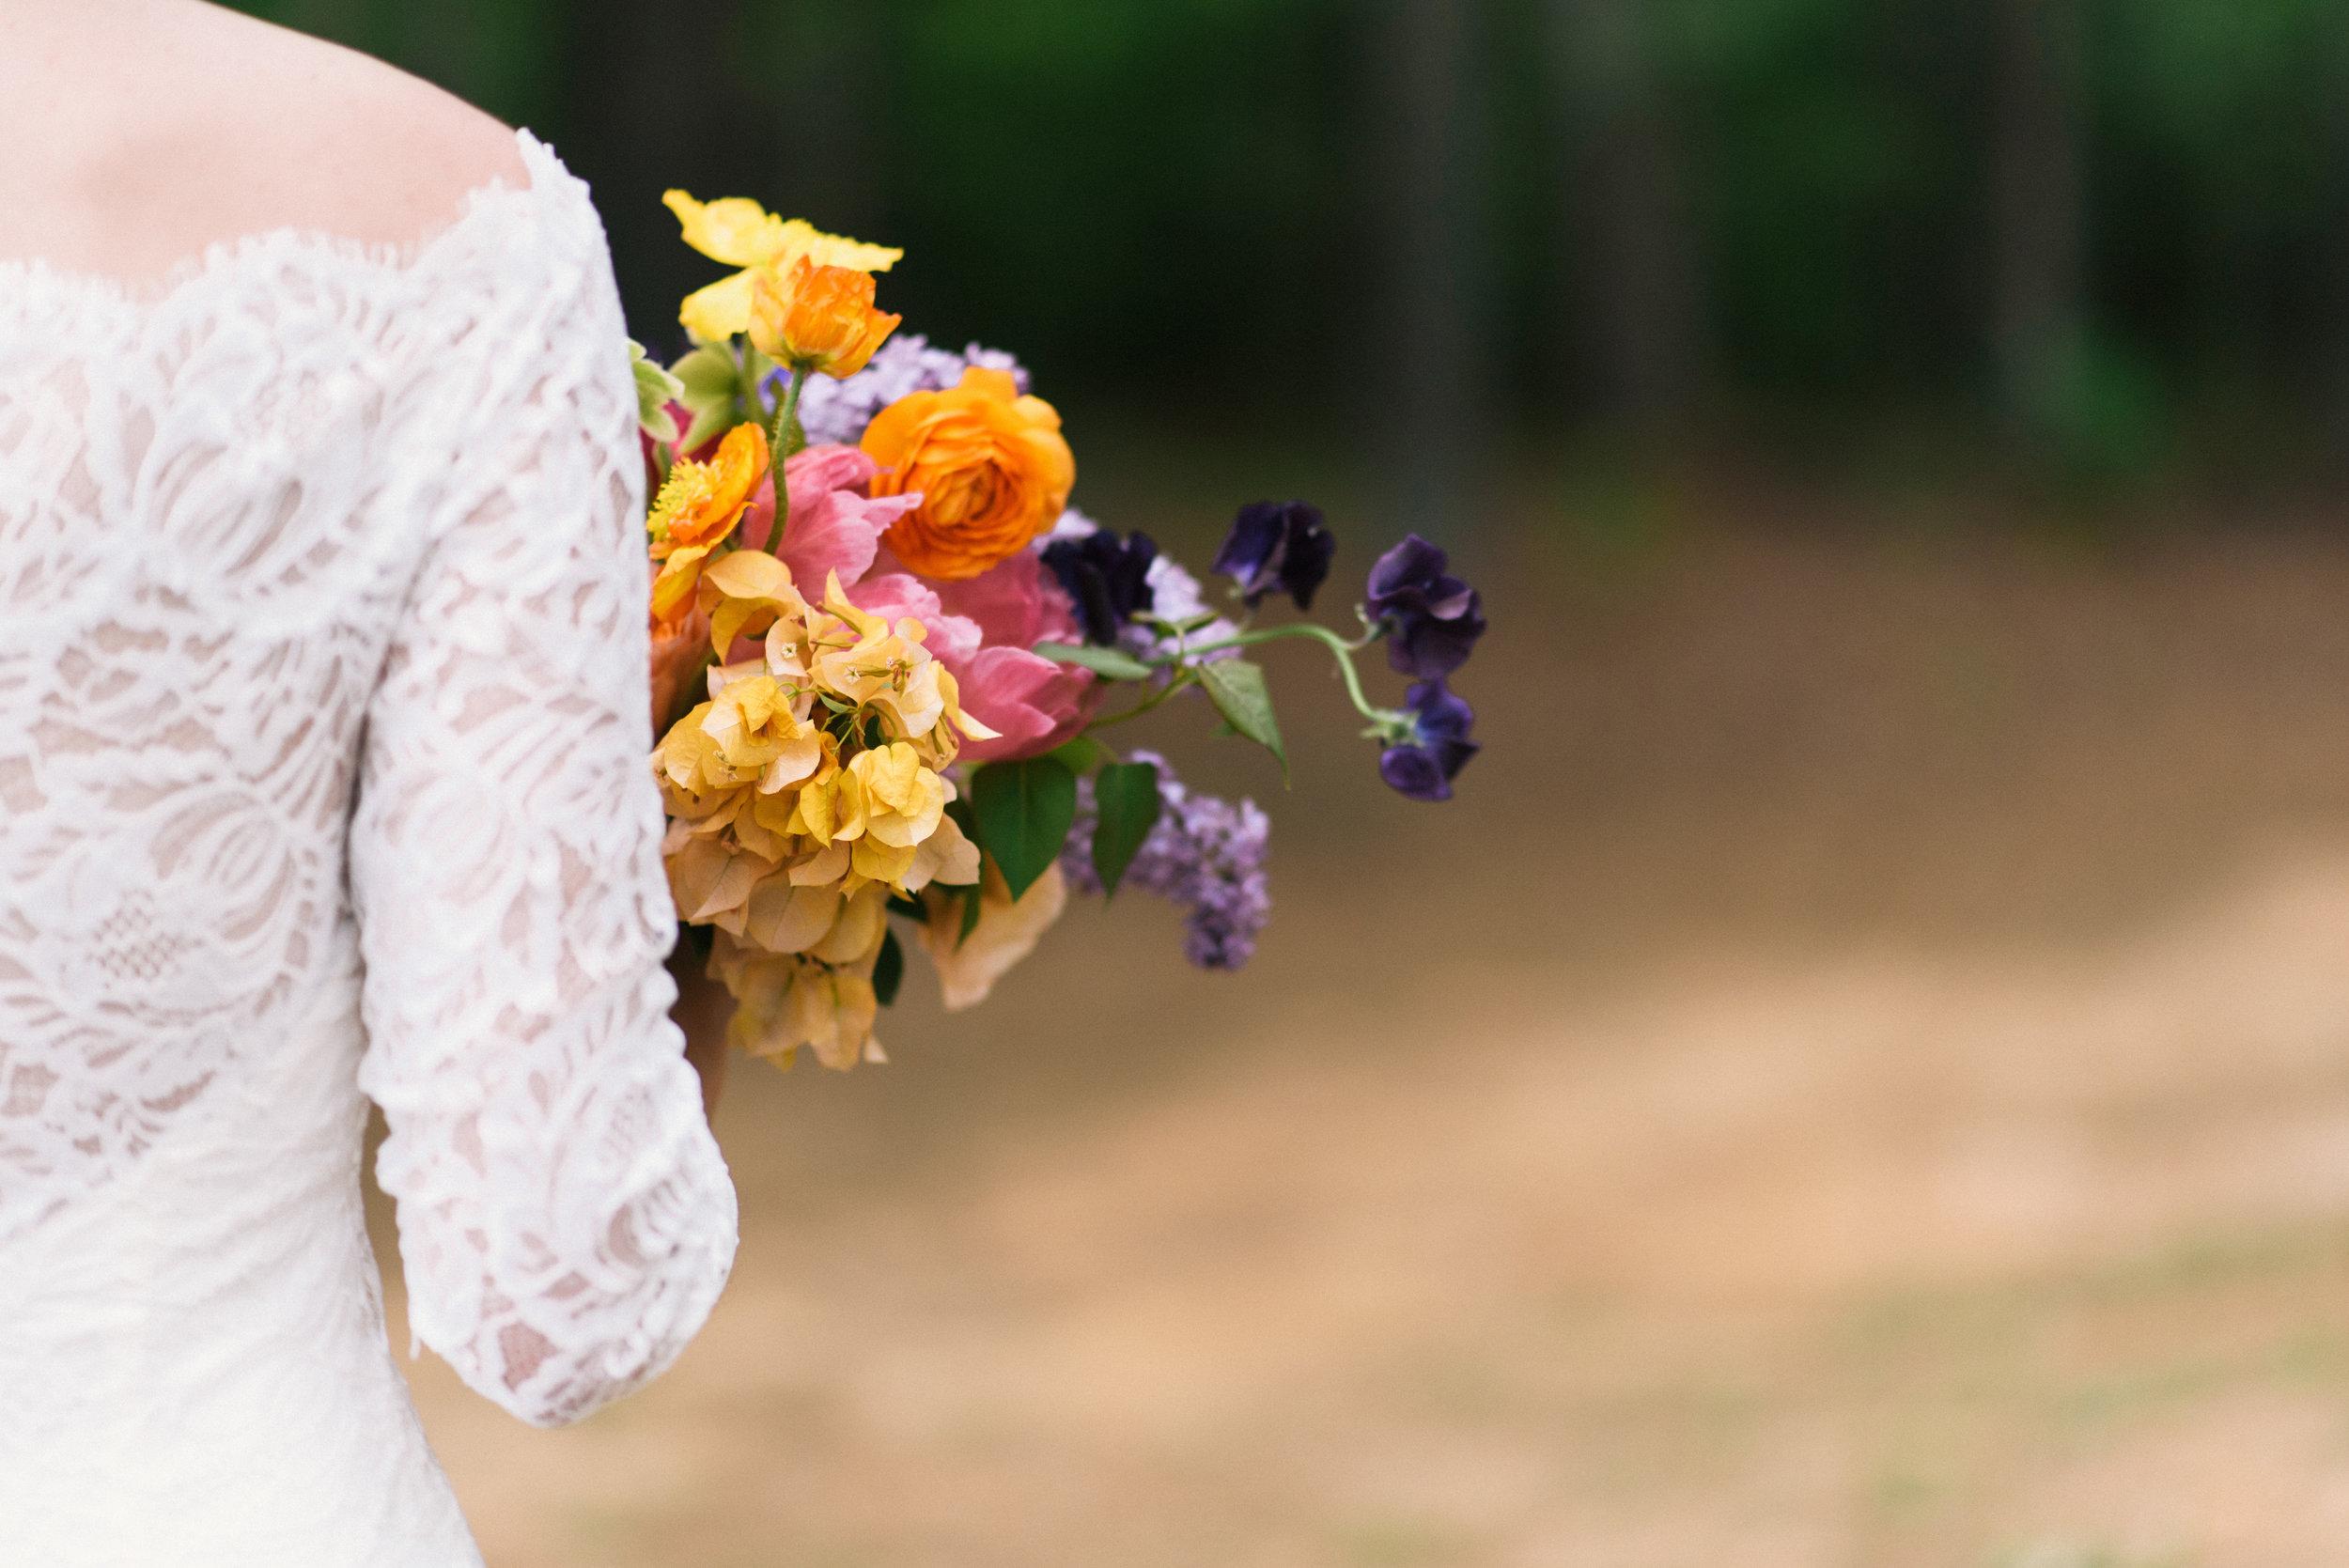 raleigh-elopement-photographer-raleigh-durham-wedding-maddie-and-devin- (24 of 162).jpg